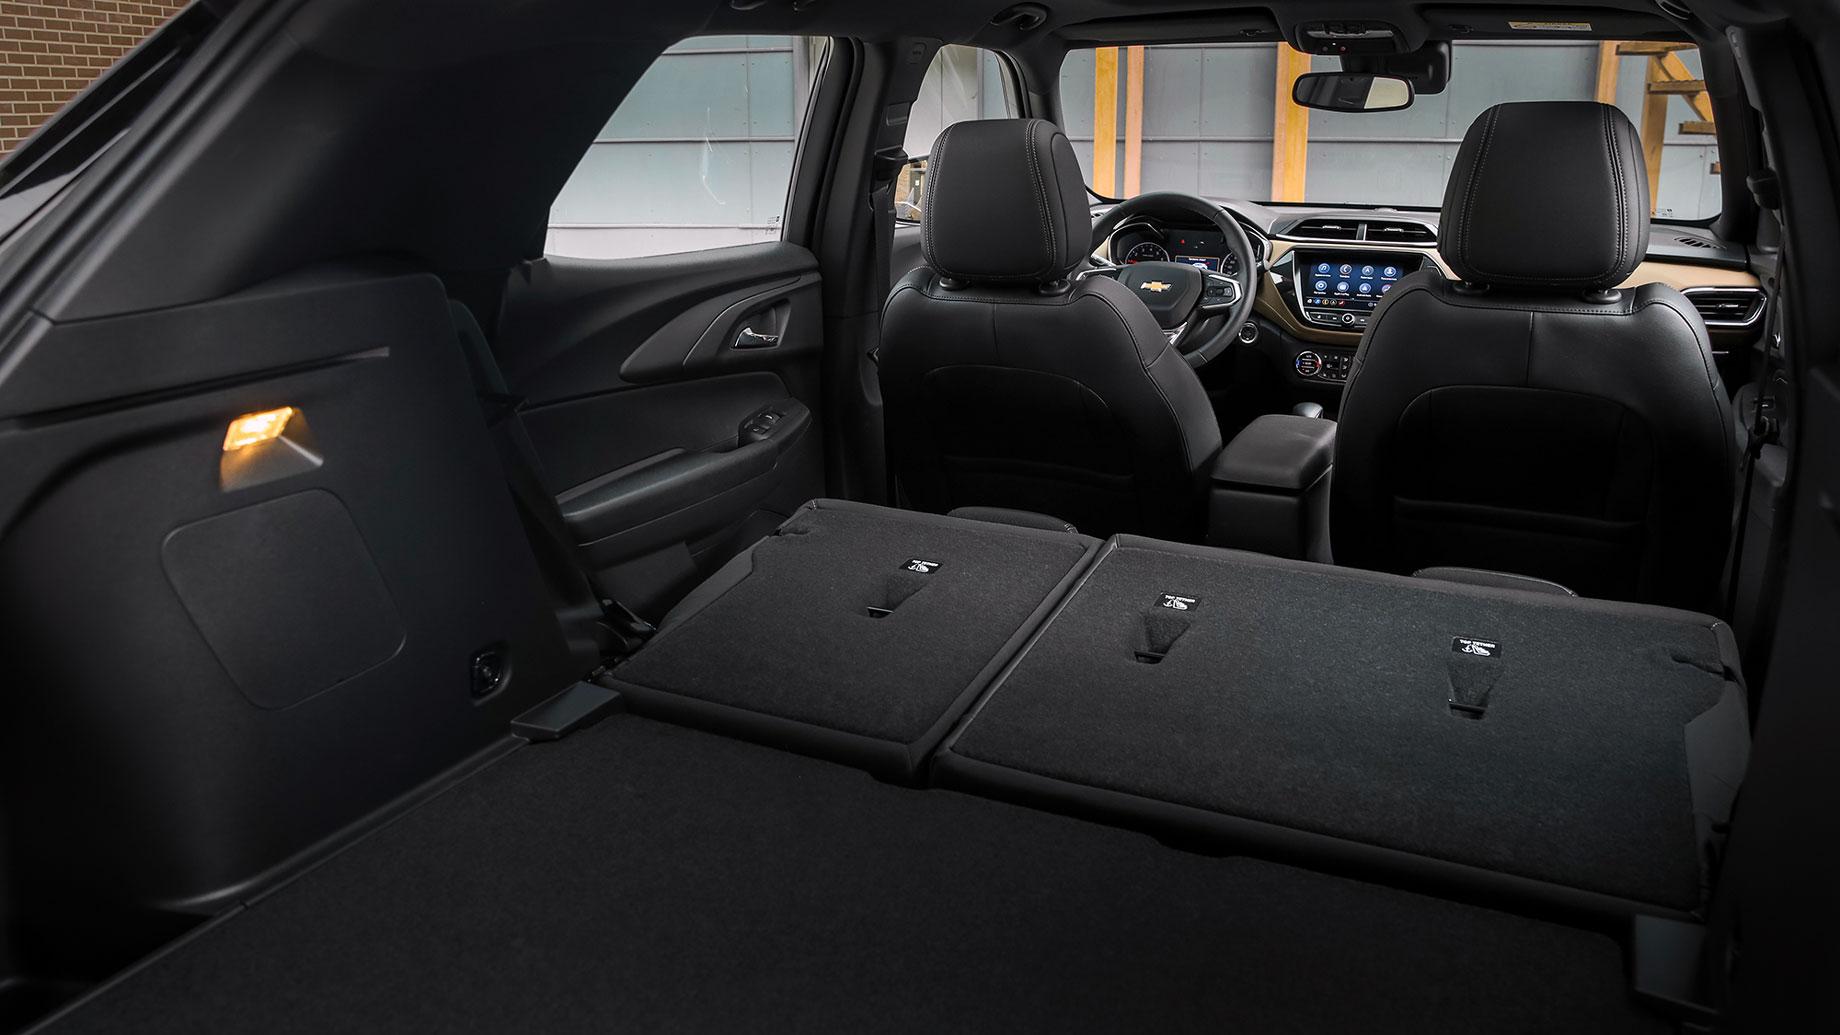 Считаем цилиндры под капотом кроссовера Chevrolet Trailblazer